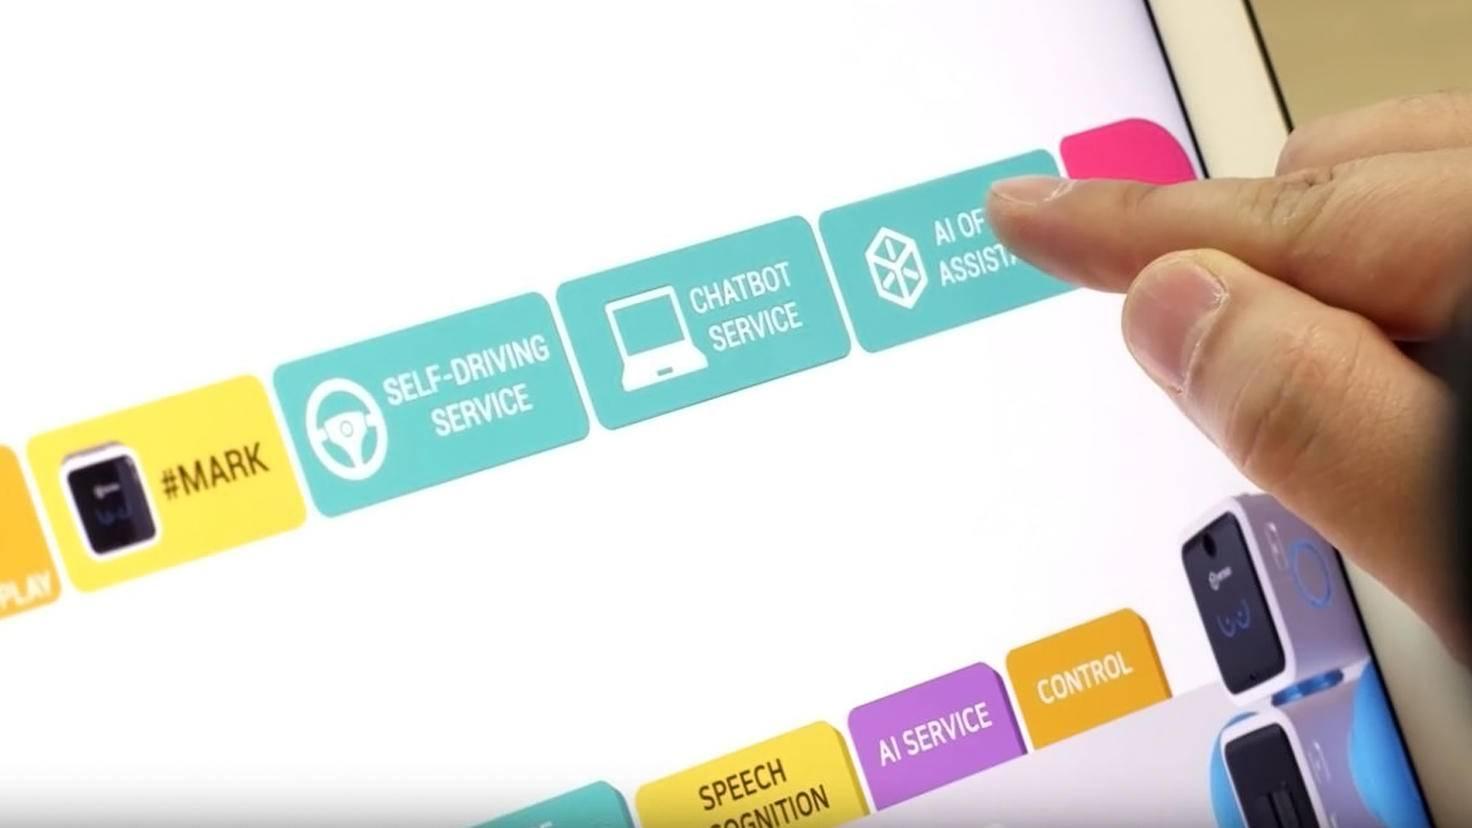 Einfache Drag-and-drop-Technik macht das Programmieren mit Artibo zum Kinderspiel.